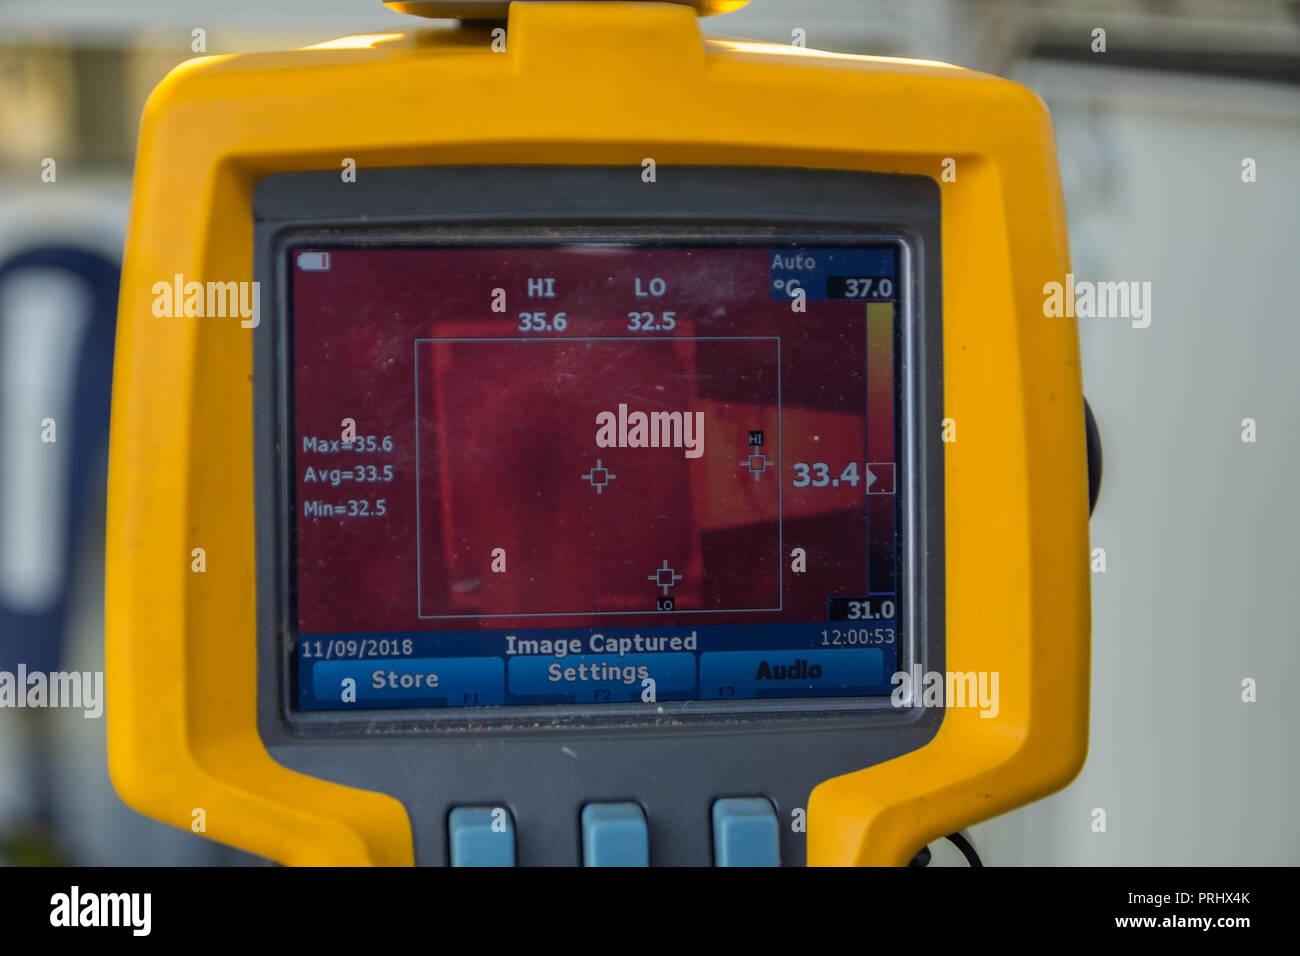 Thermoscan(image thermique caméra), Numérisation vers le disjoncteur pour vérifier la température. Photo Stock